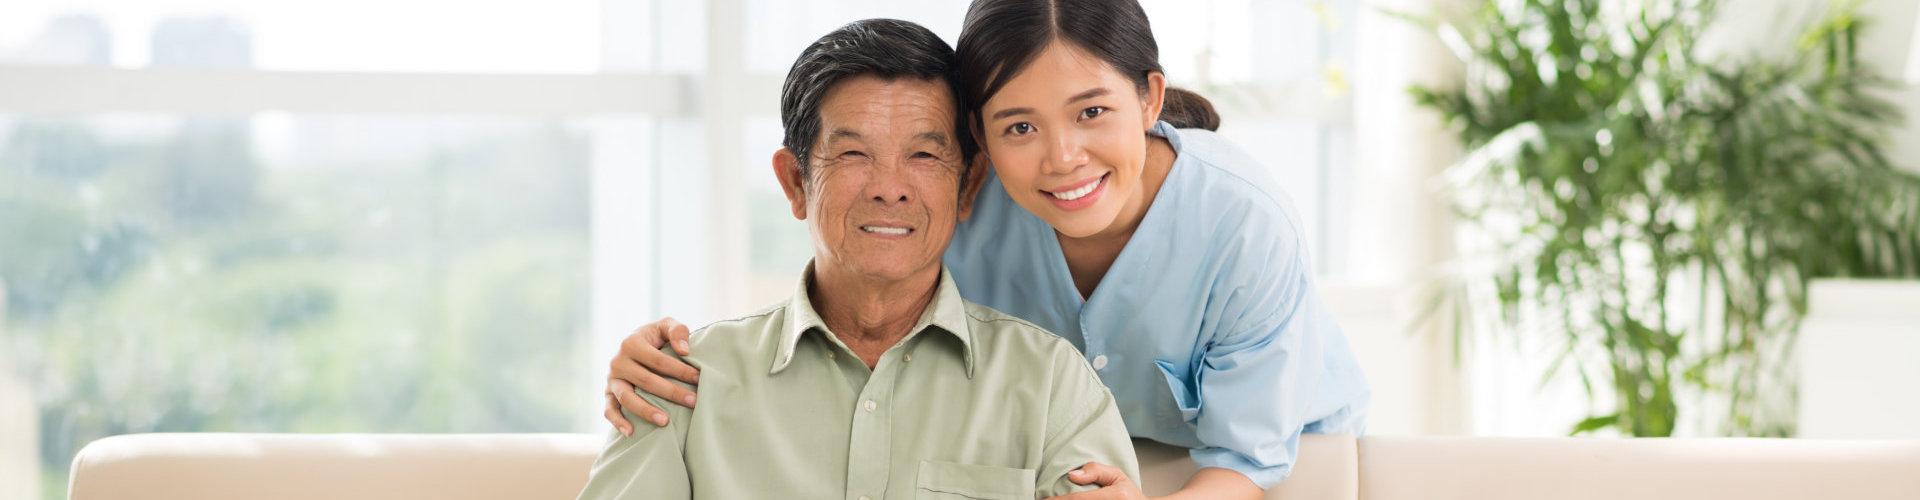 senior man with his caregiver